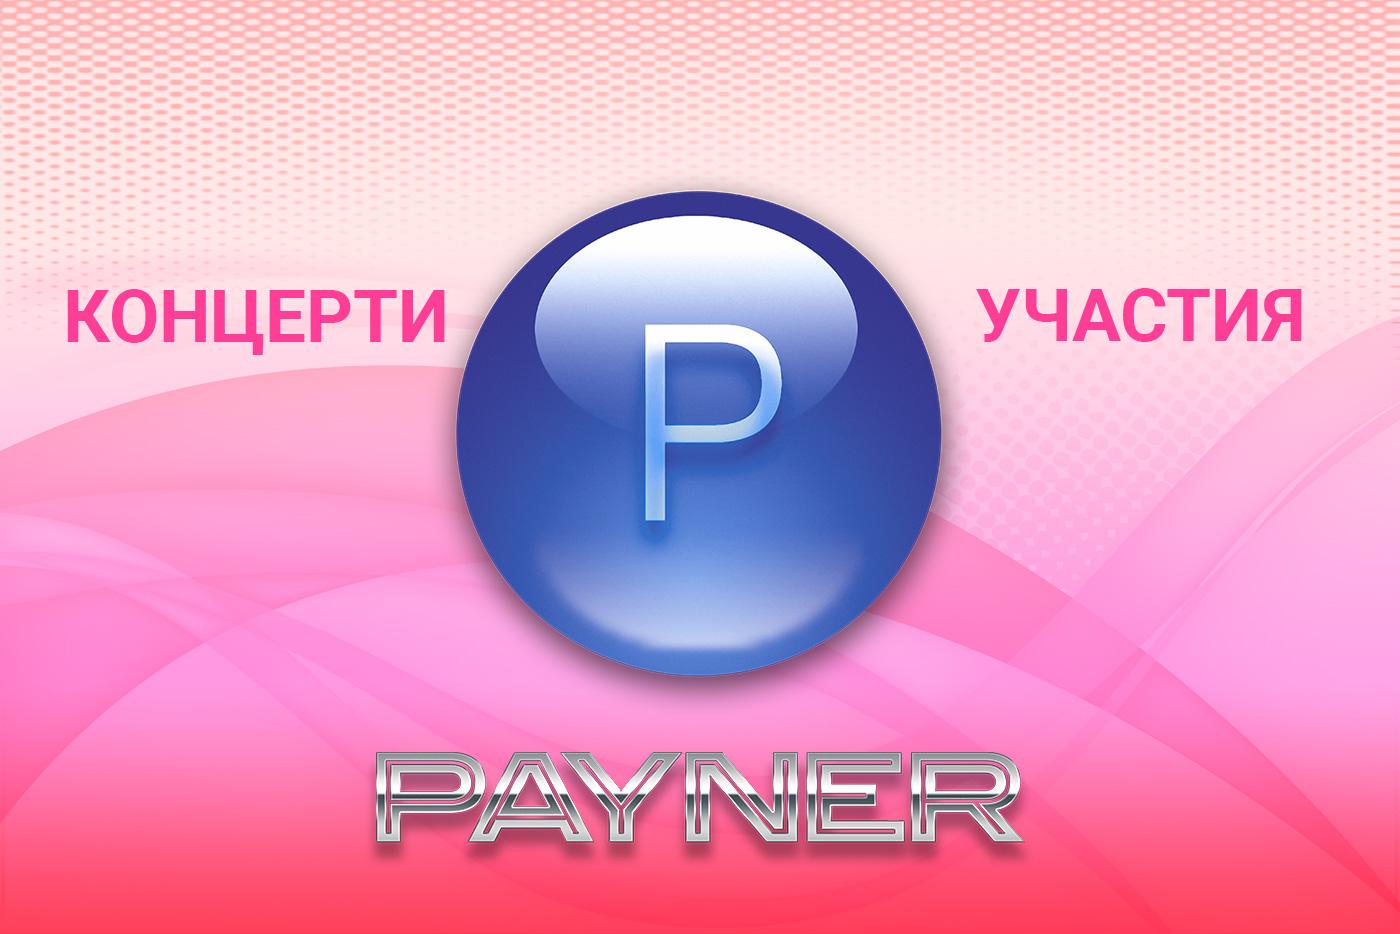 """Участия на звездите на """"Пайнер"""" на 15.01.2019"""